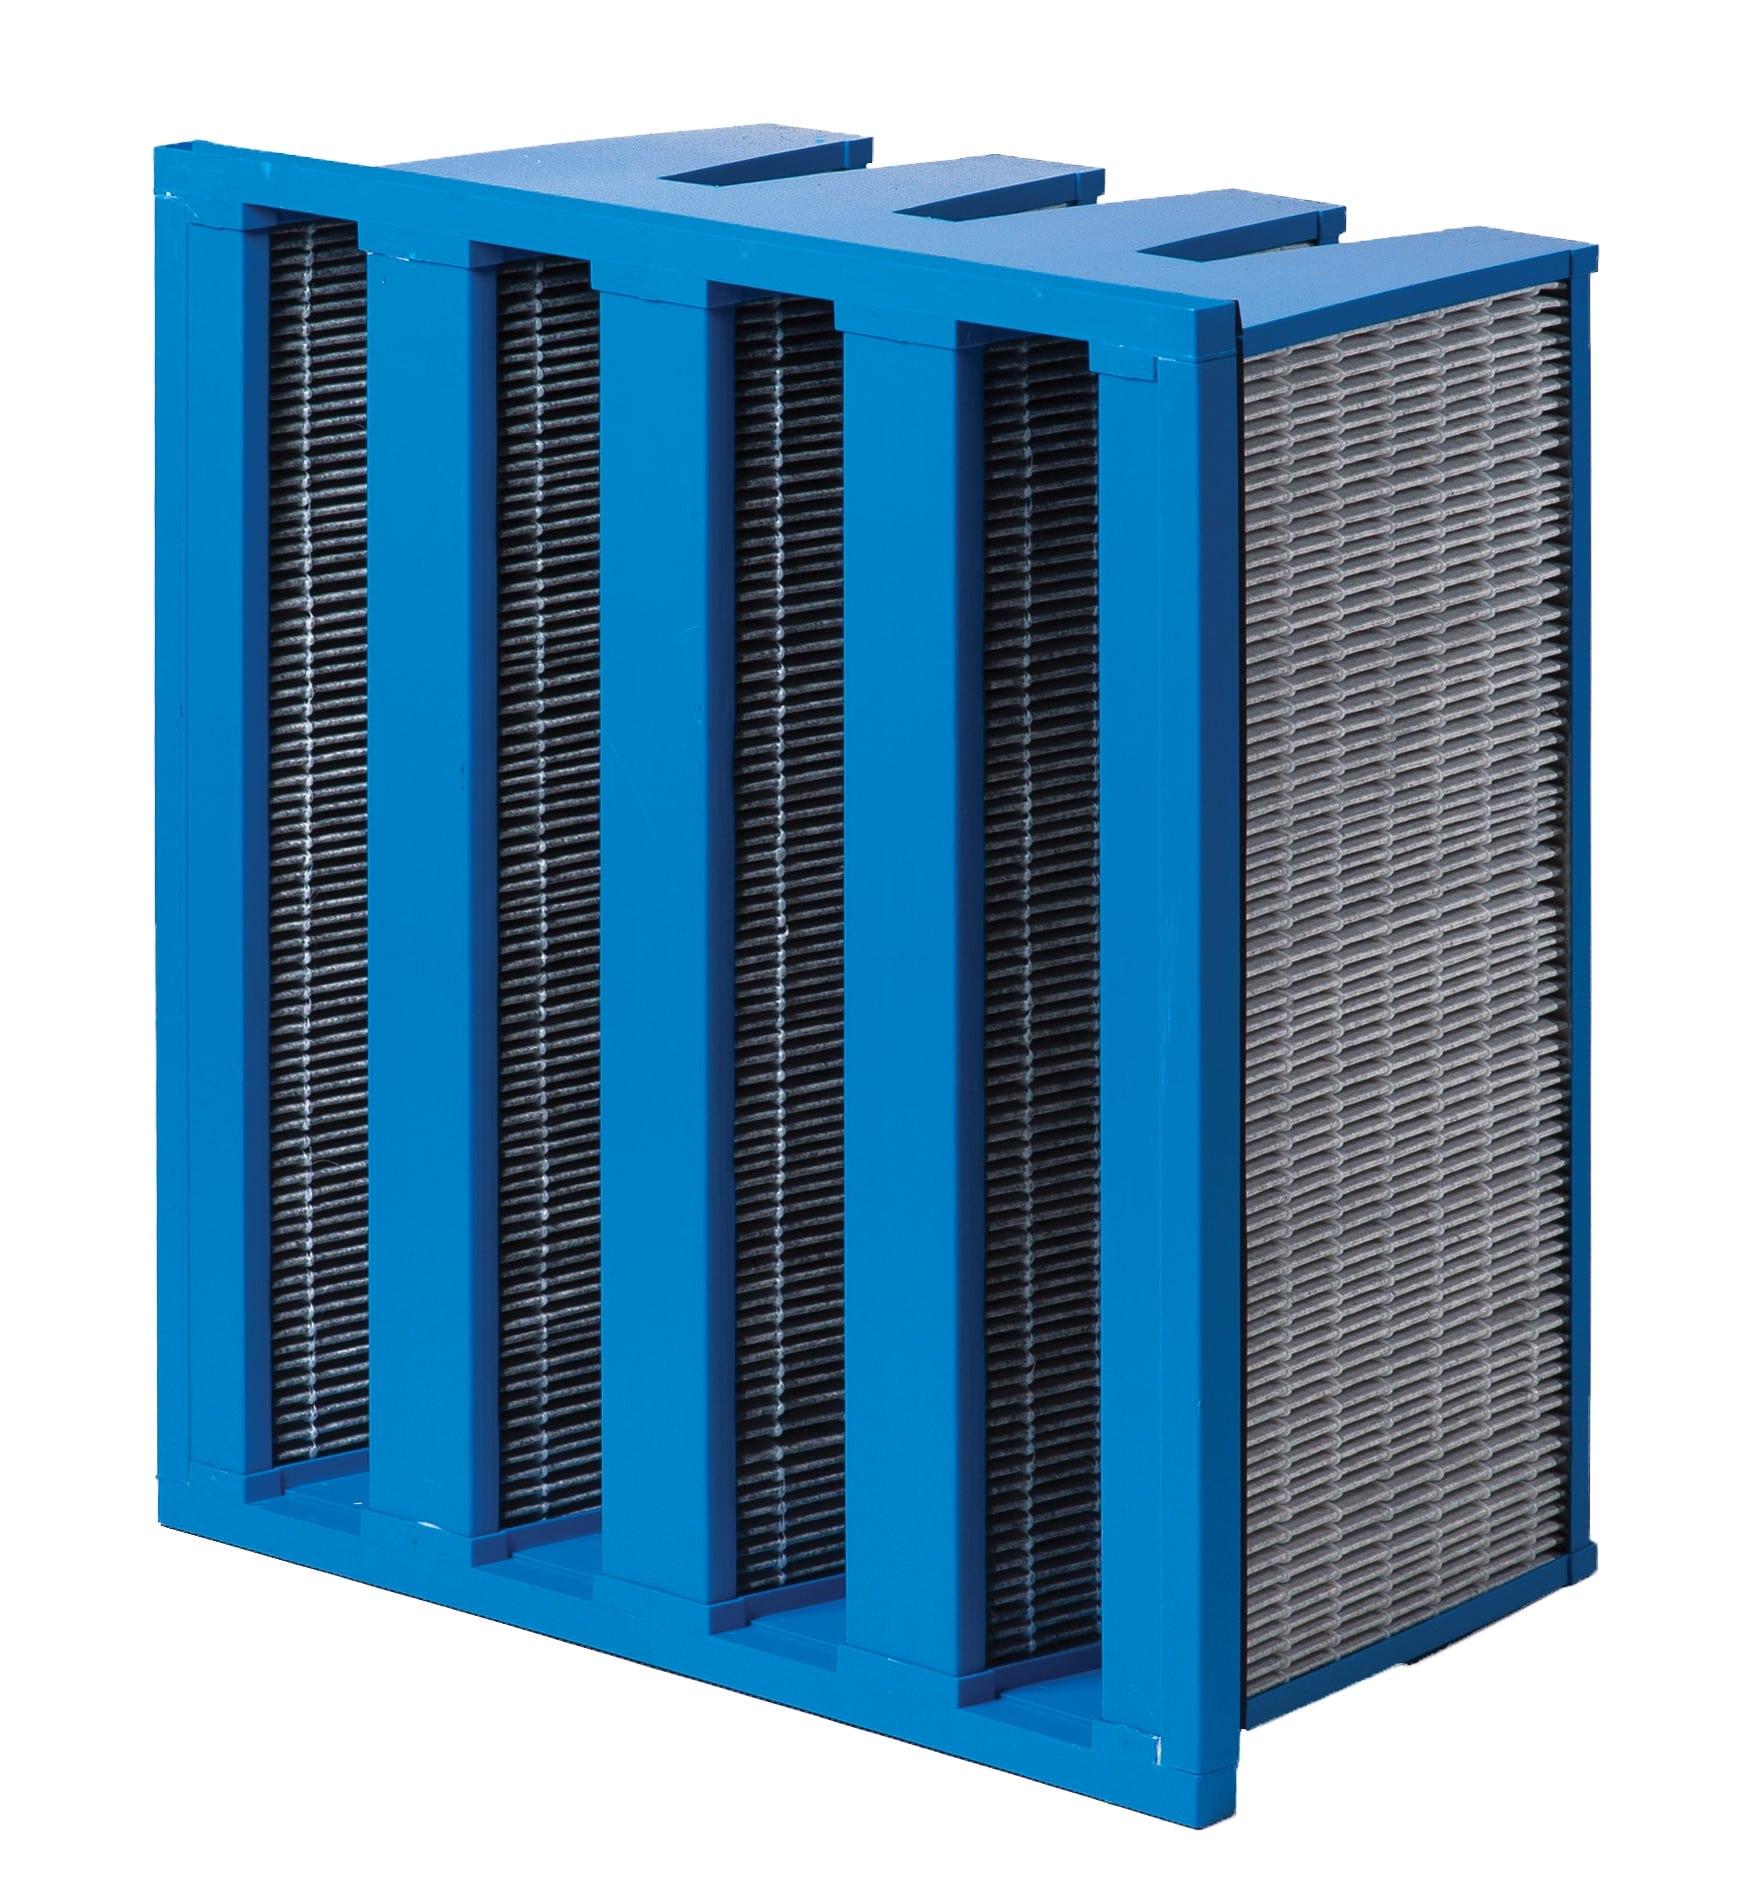 EFS Carbon V4-Bank Air Filter